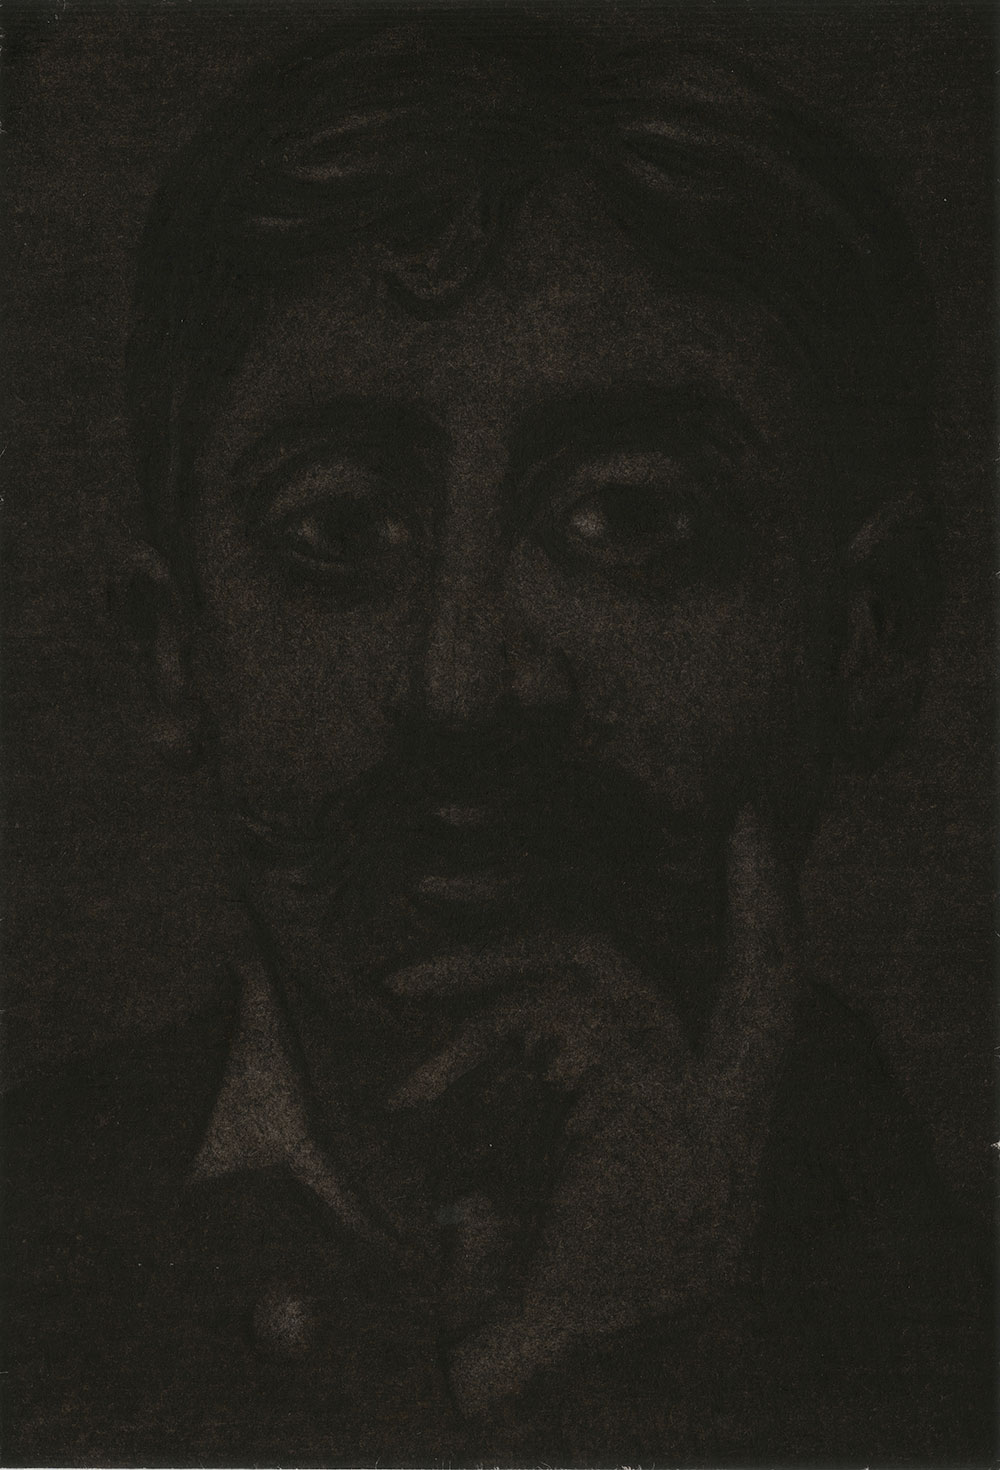 """Jérémie Bennequin, """"Le Fantôme"""", 15x10,5 cm, fusain et pastel sec sur papier, 2017."""